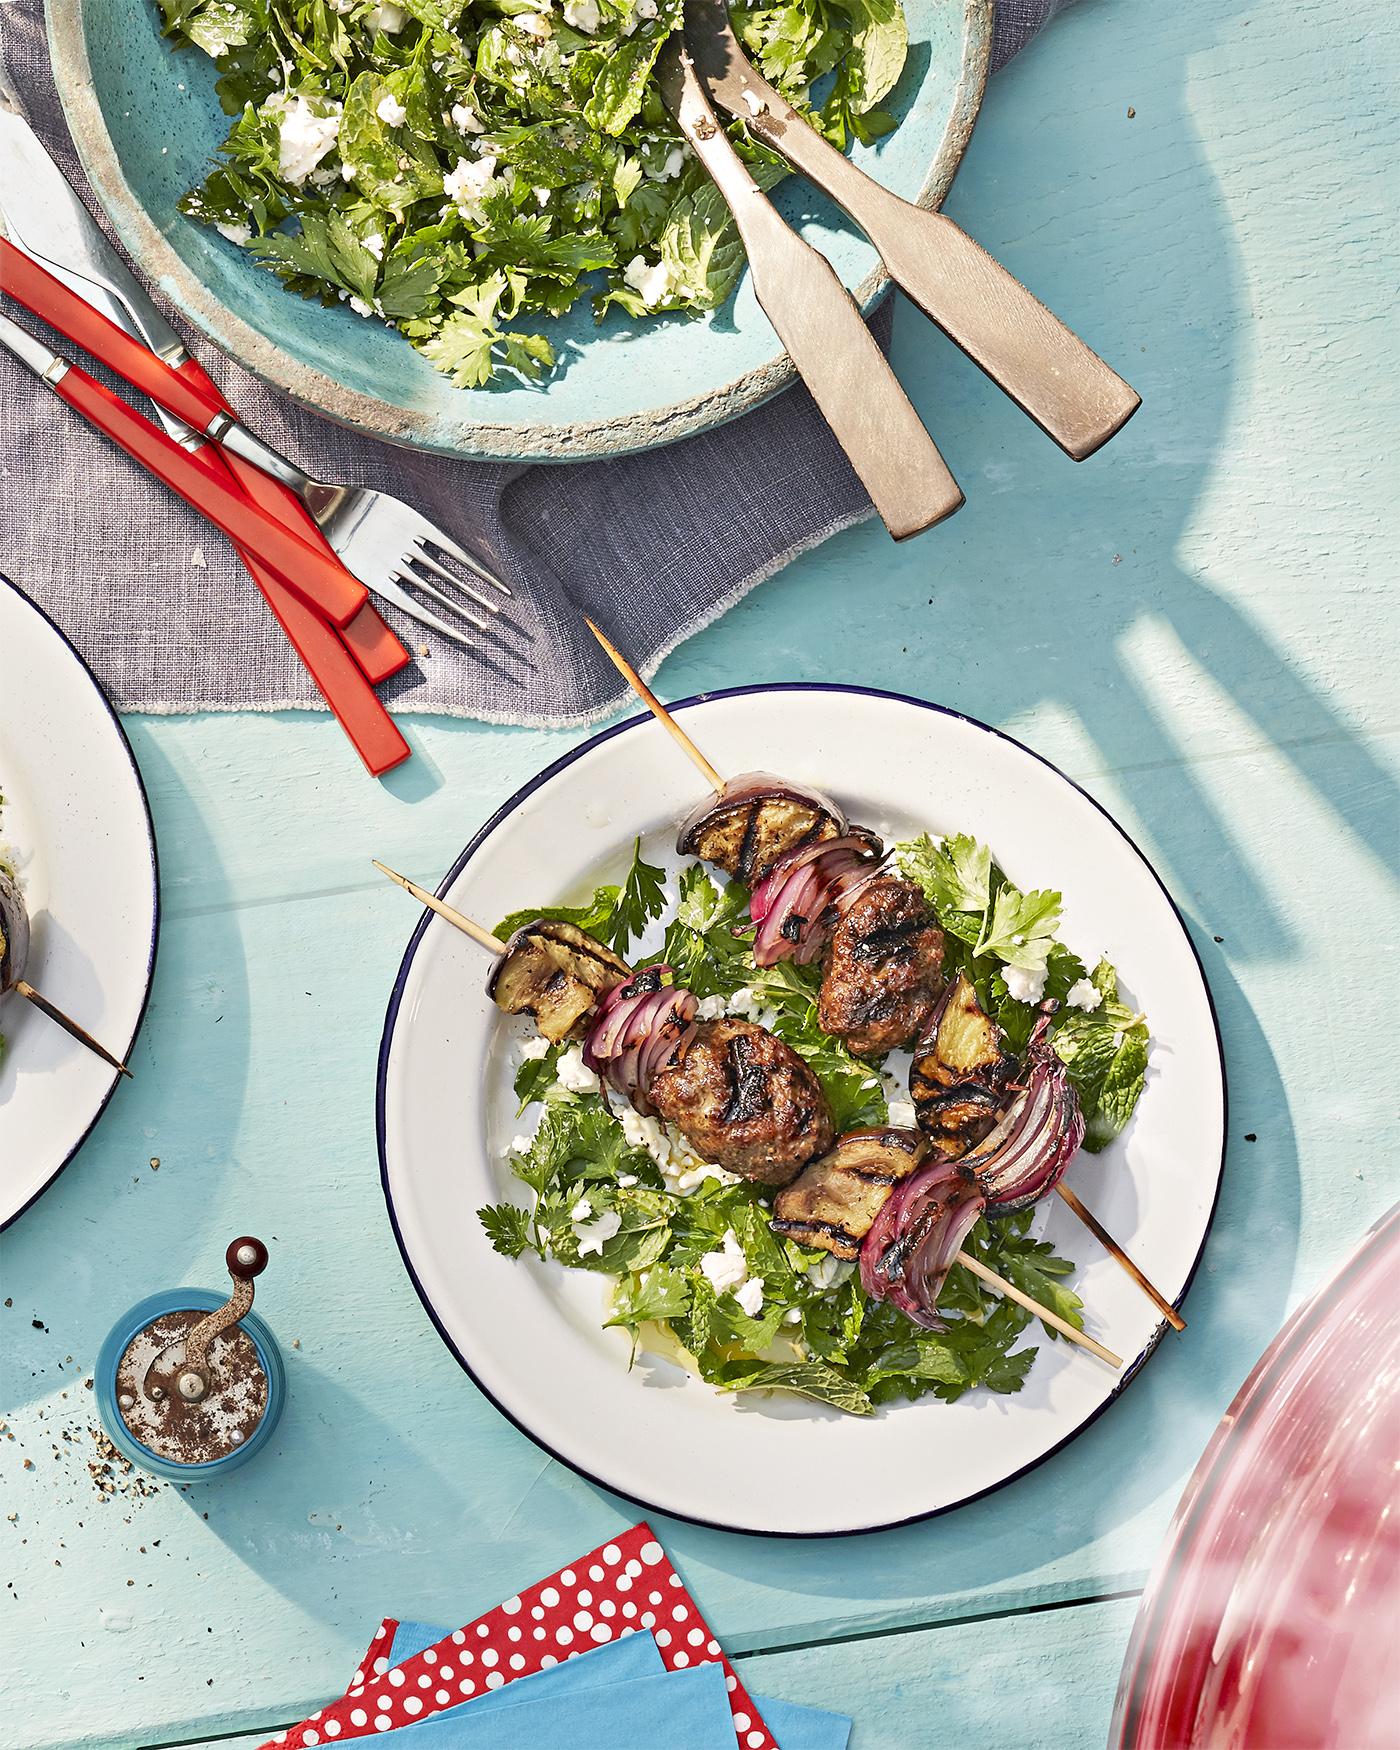 Kofta Kebabs with Herb Salad